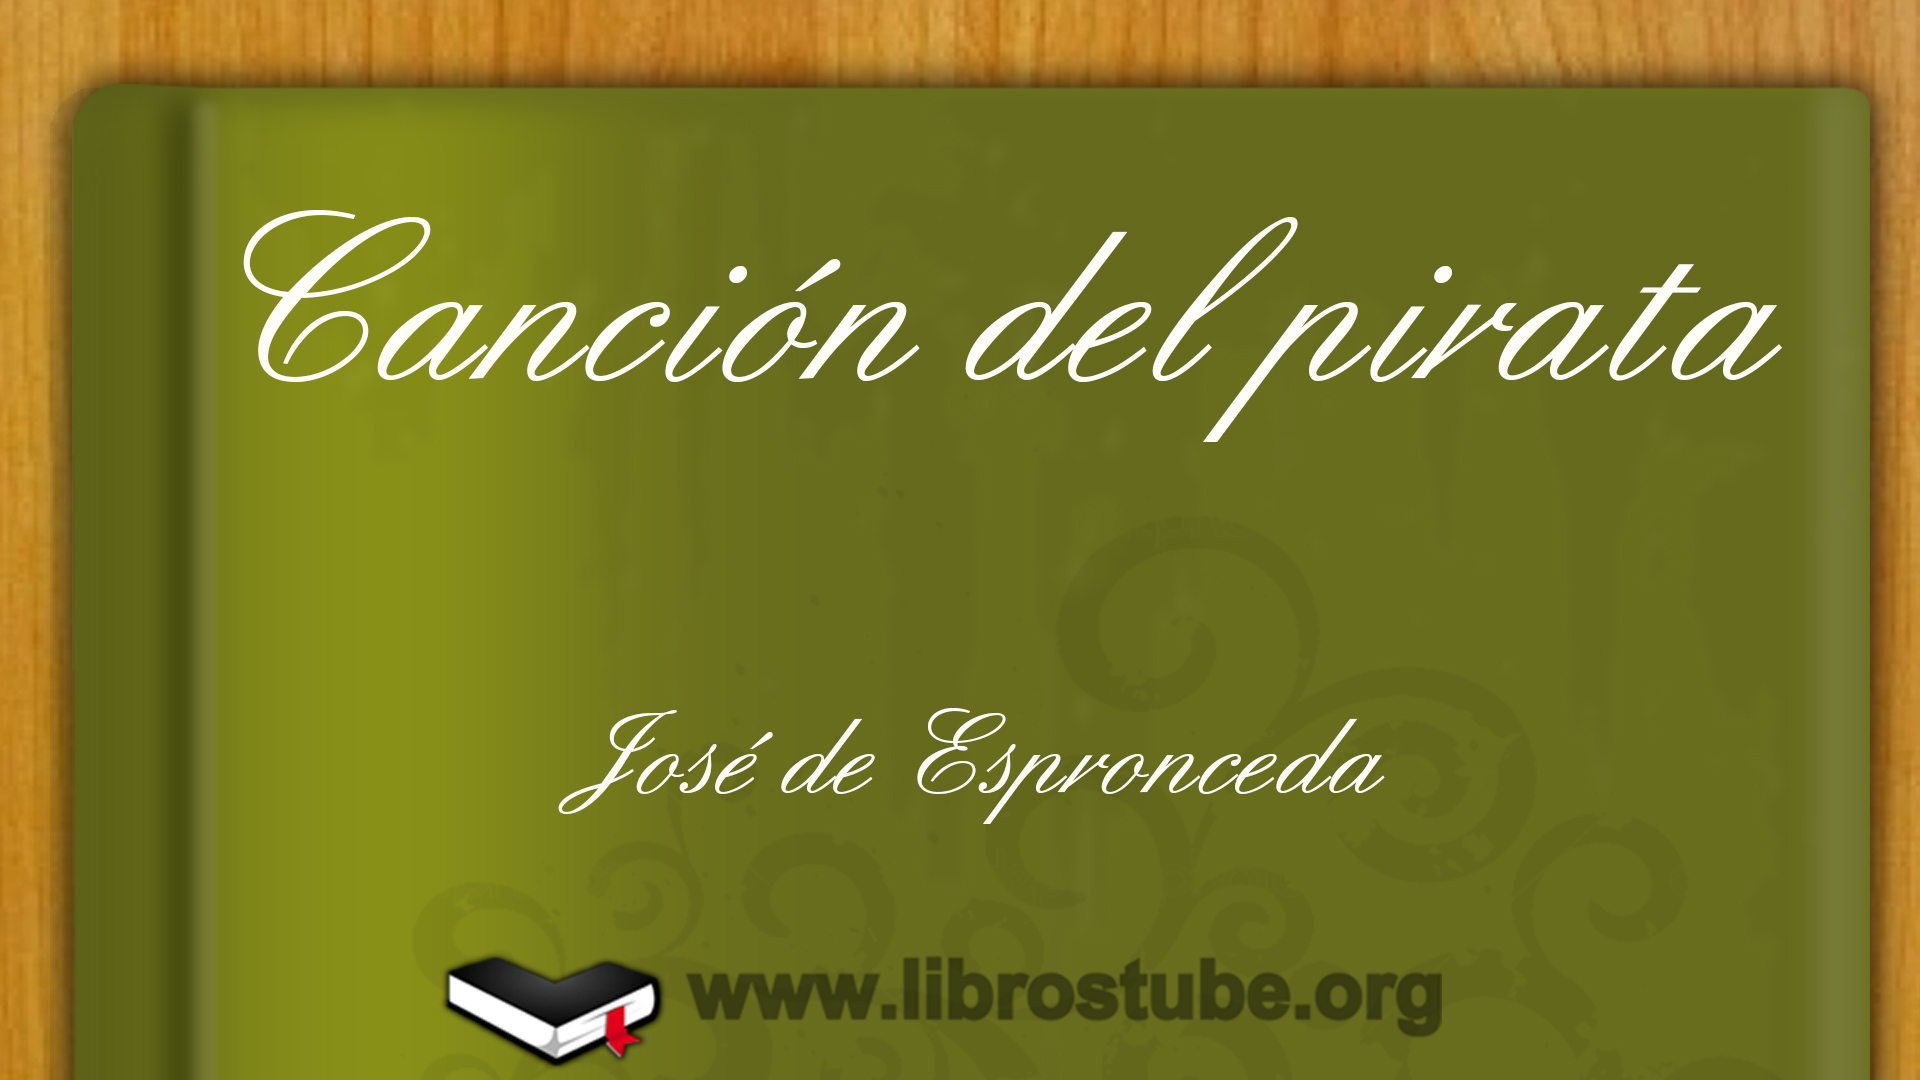 Canción del pirata, de José de Espronceda